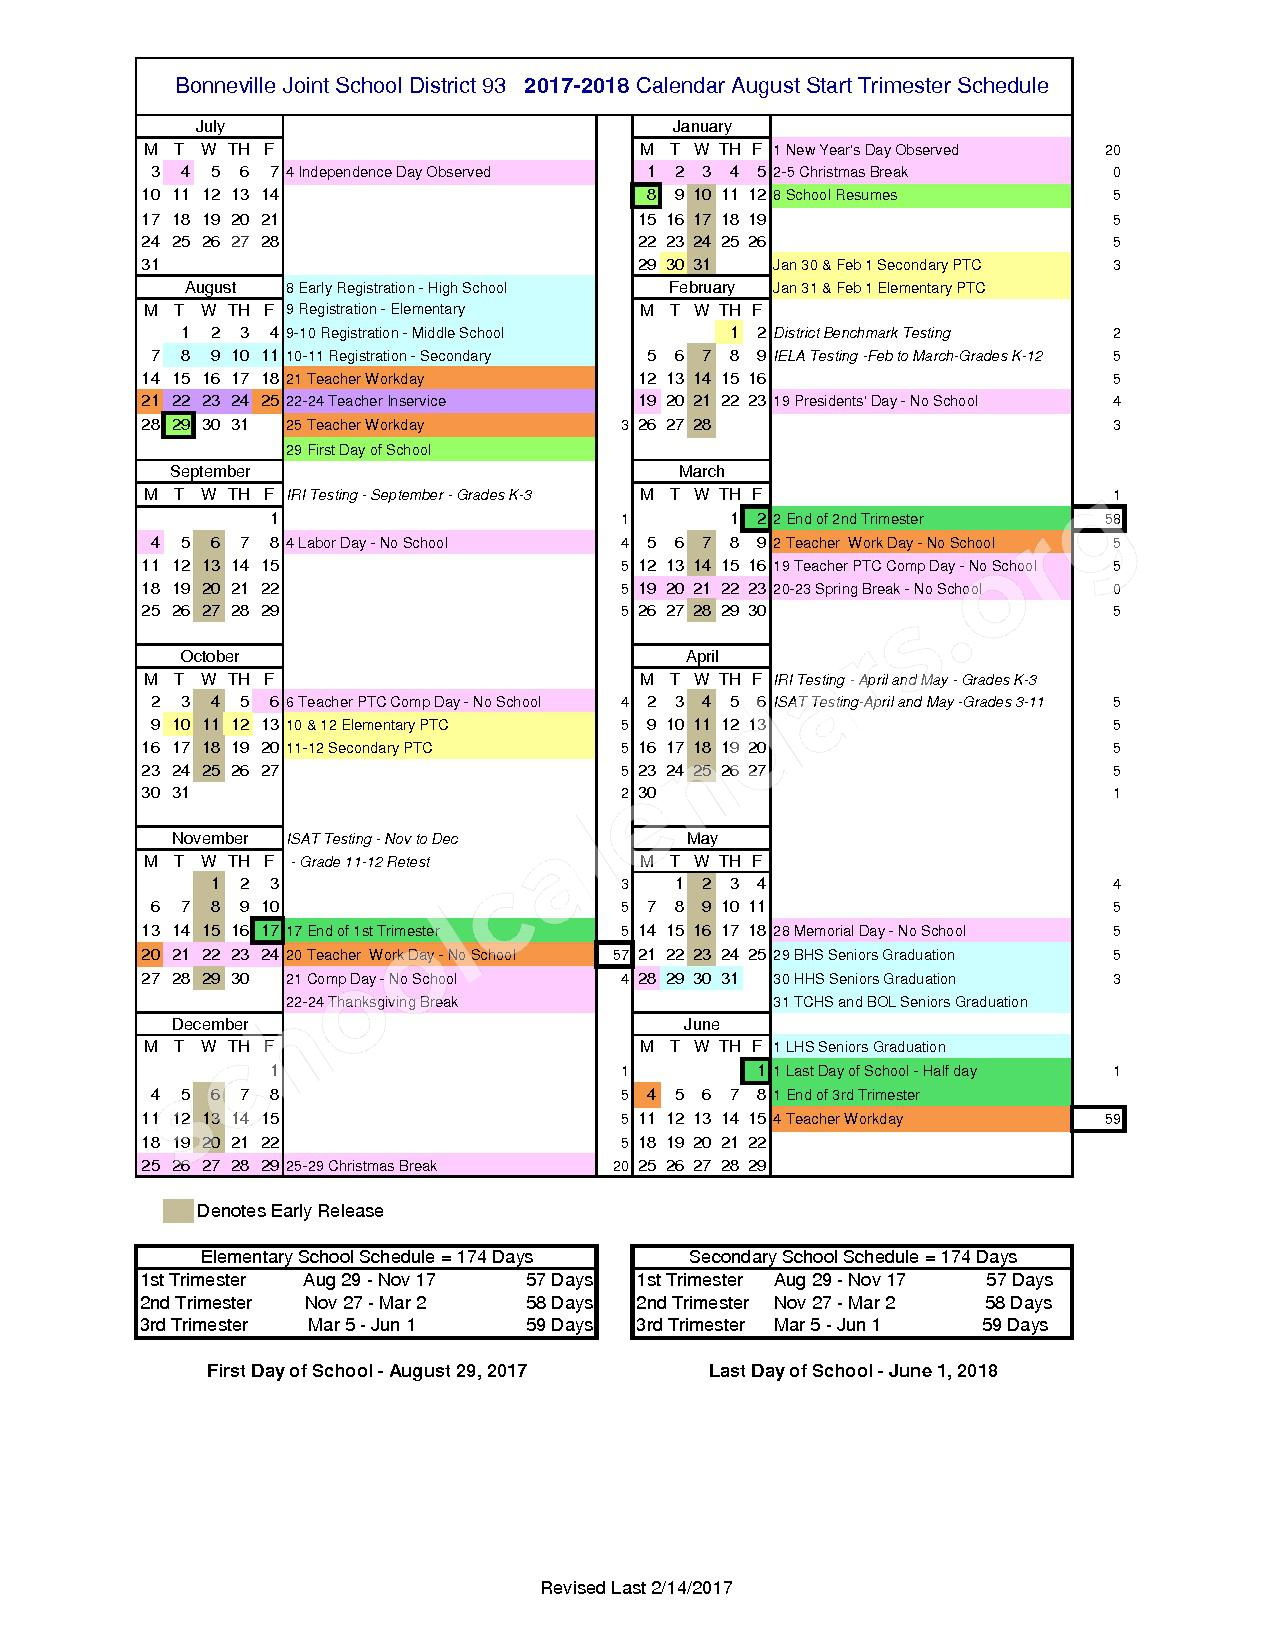 2017 - 2018 School Calendar – Bonneville Joint School District #93 – page 1